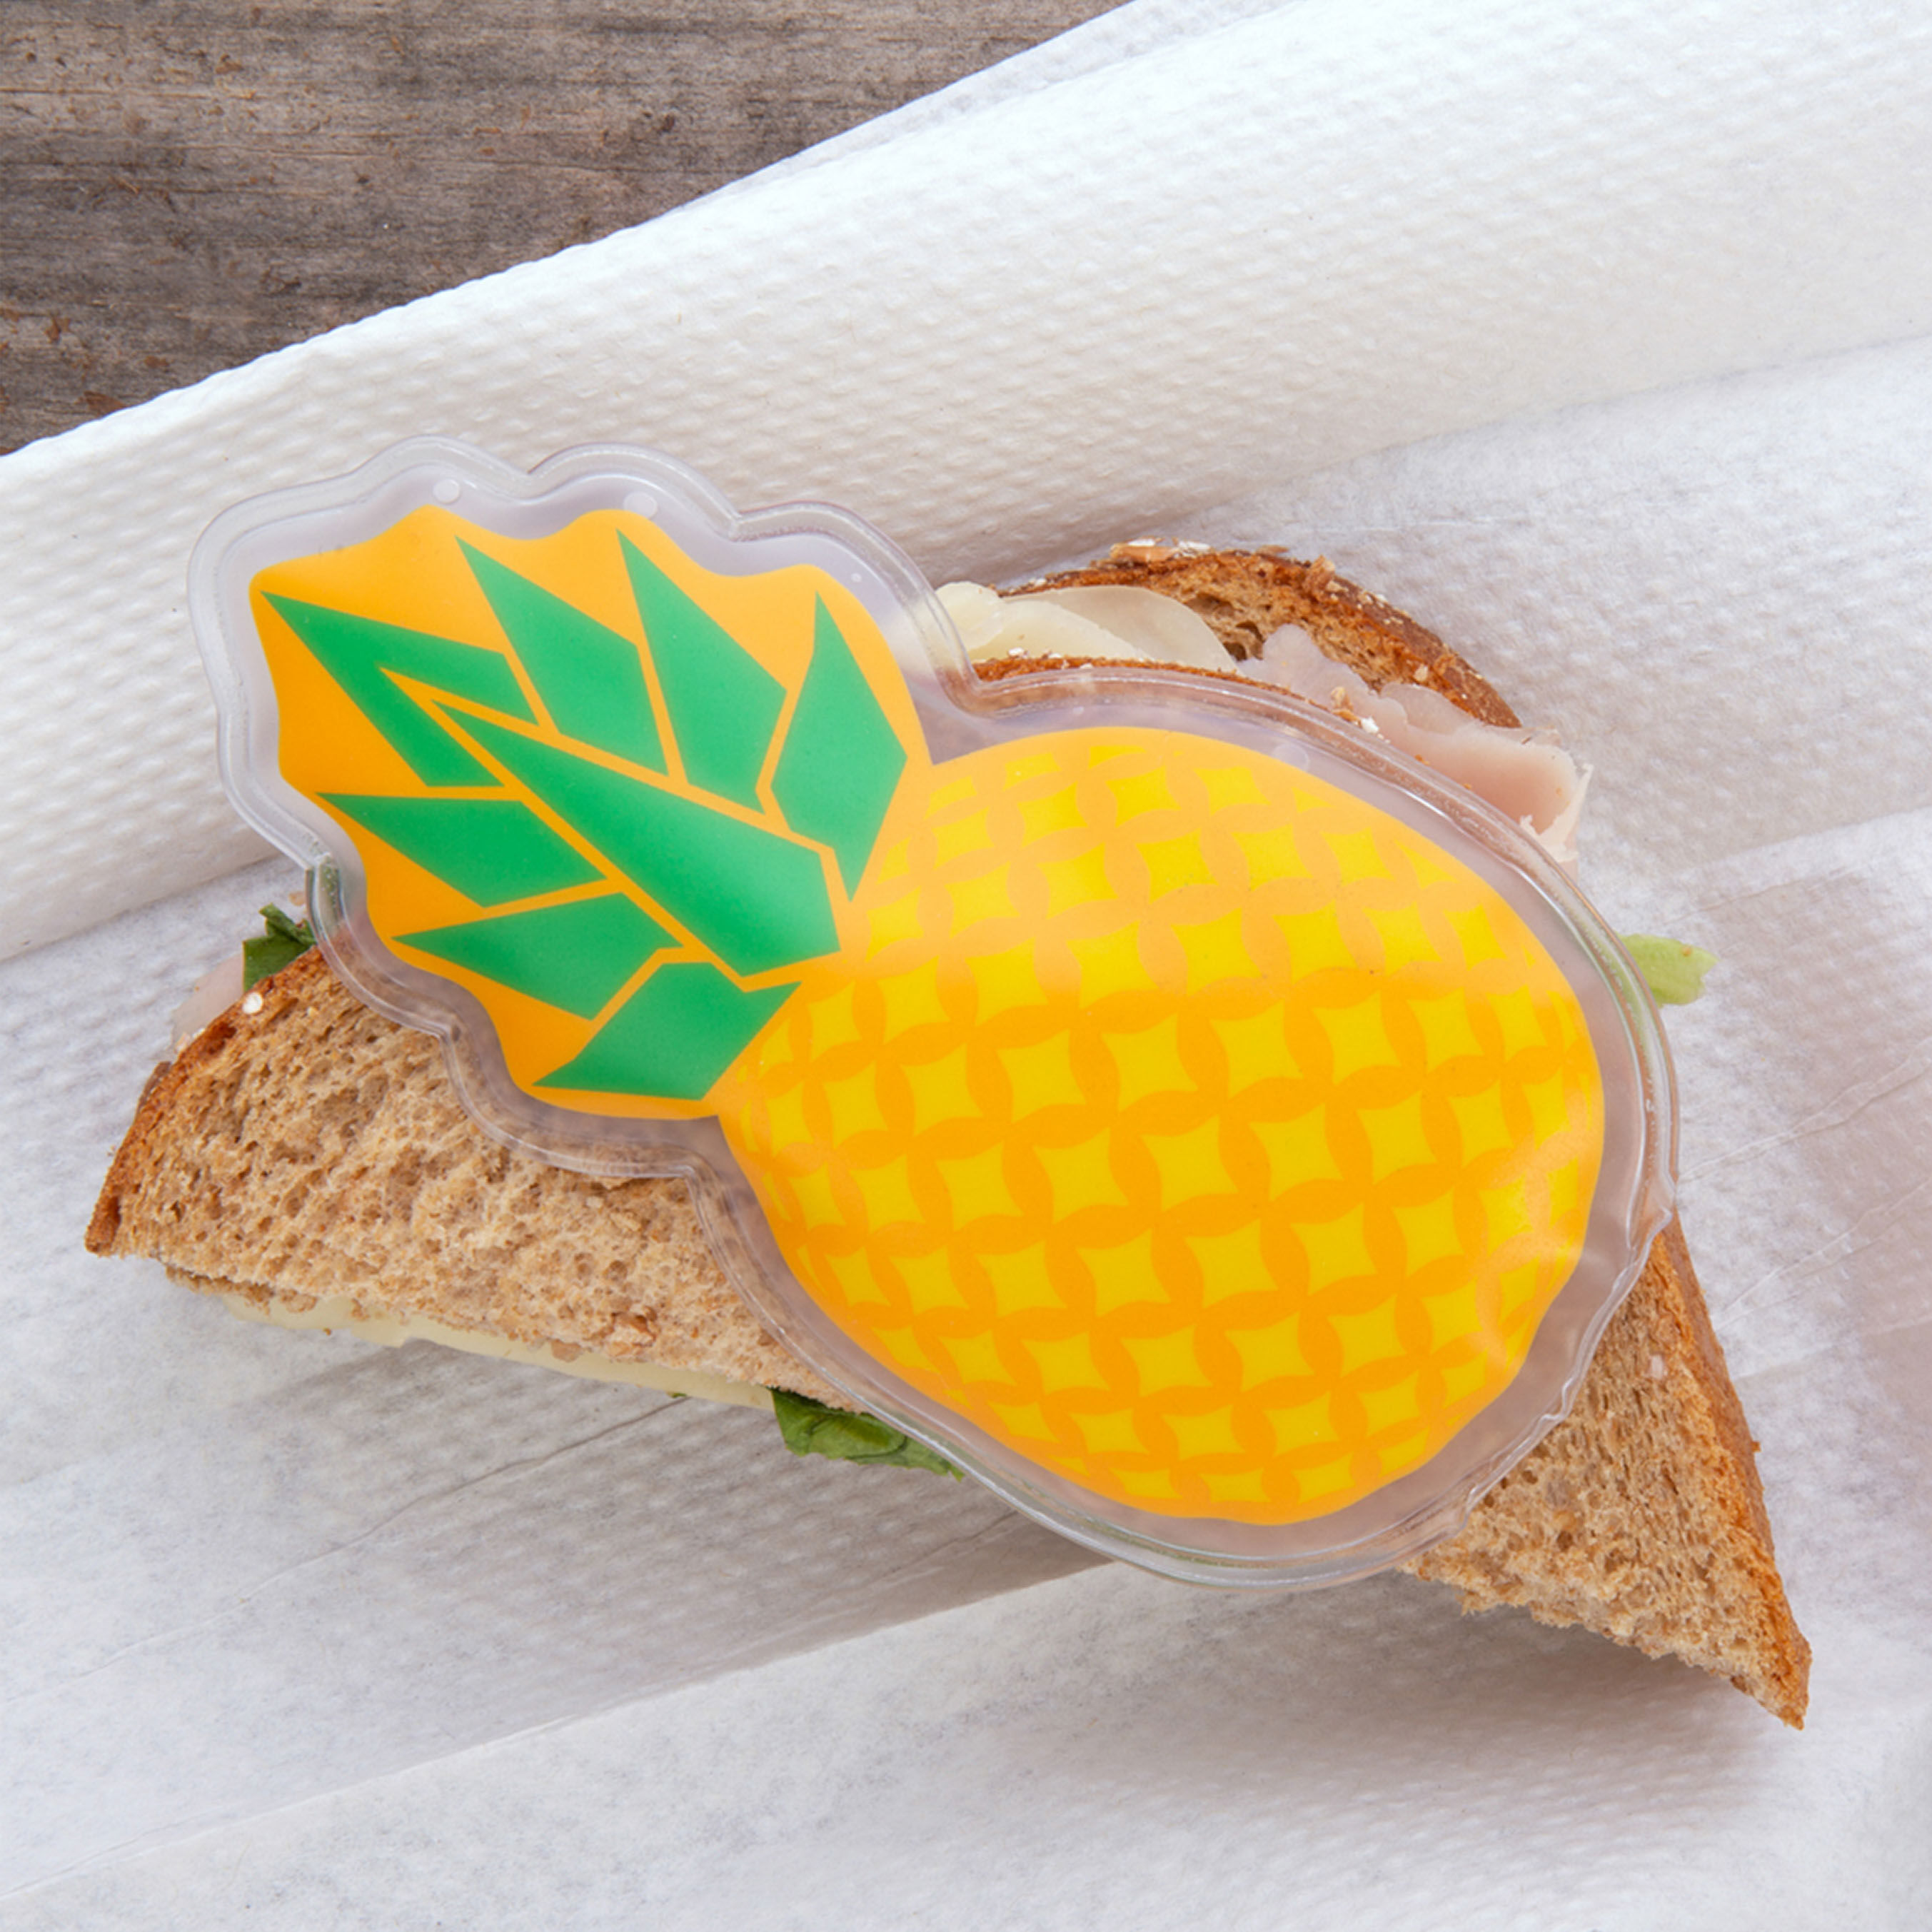 Poche de gel chaud/froid pour aliments - Ananas, , large